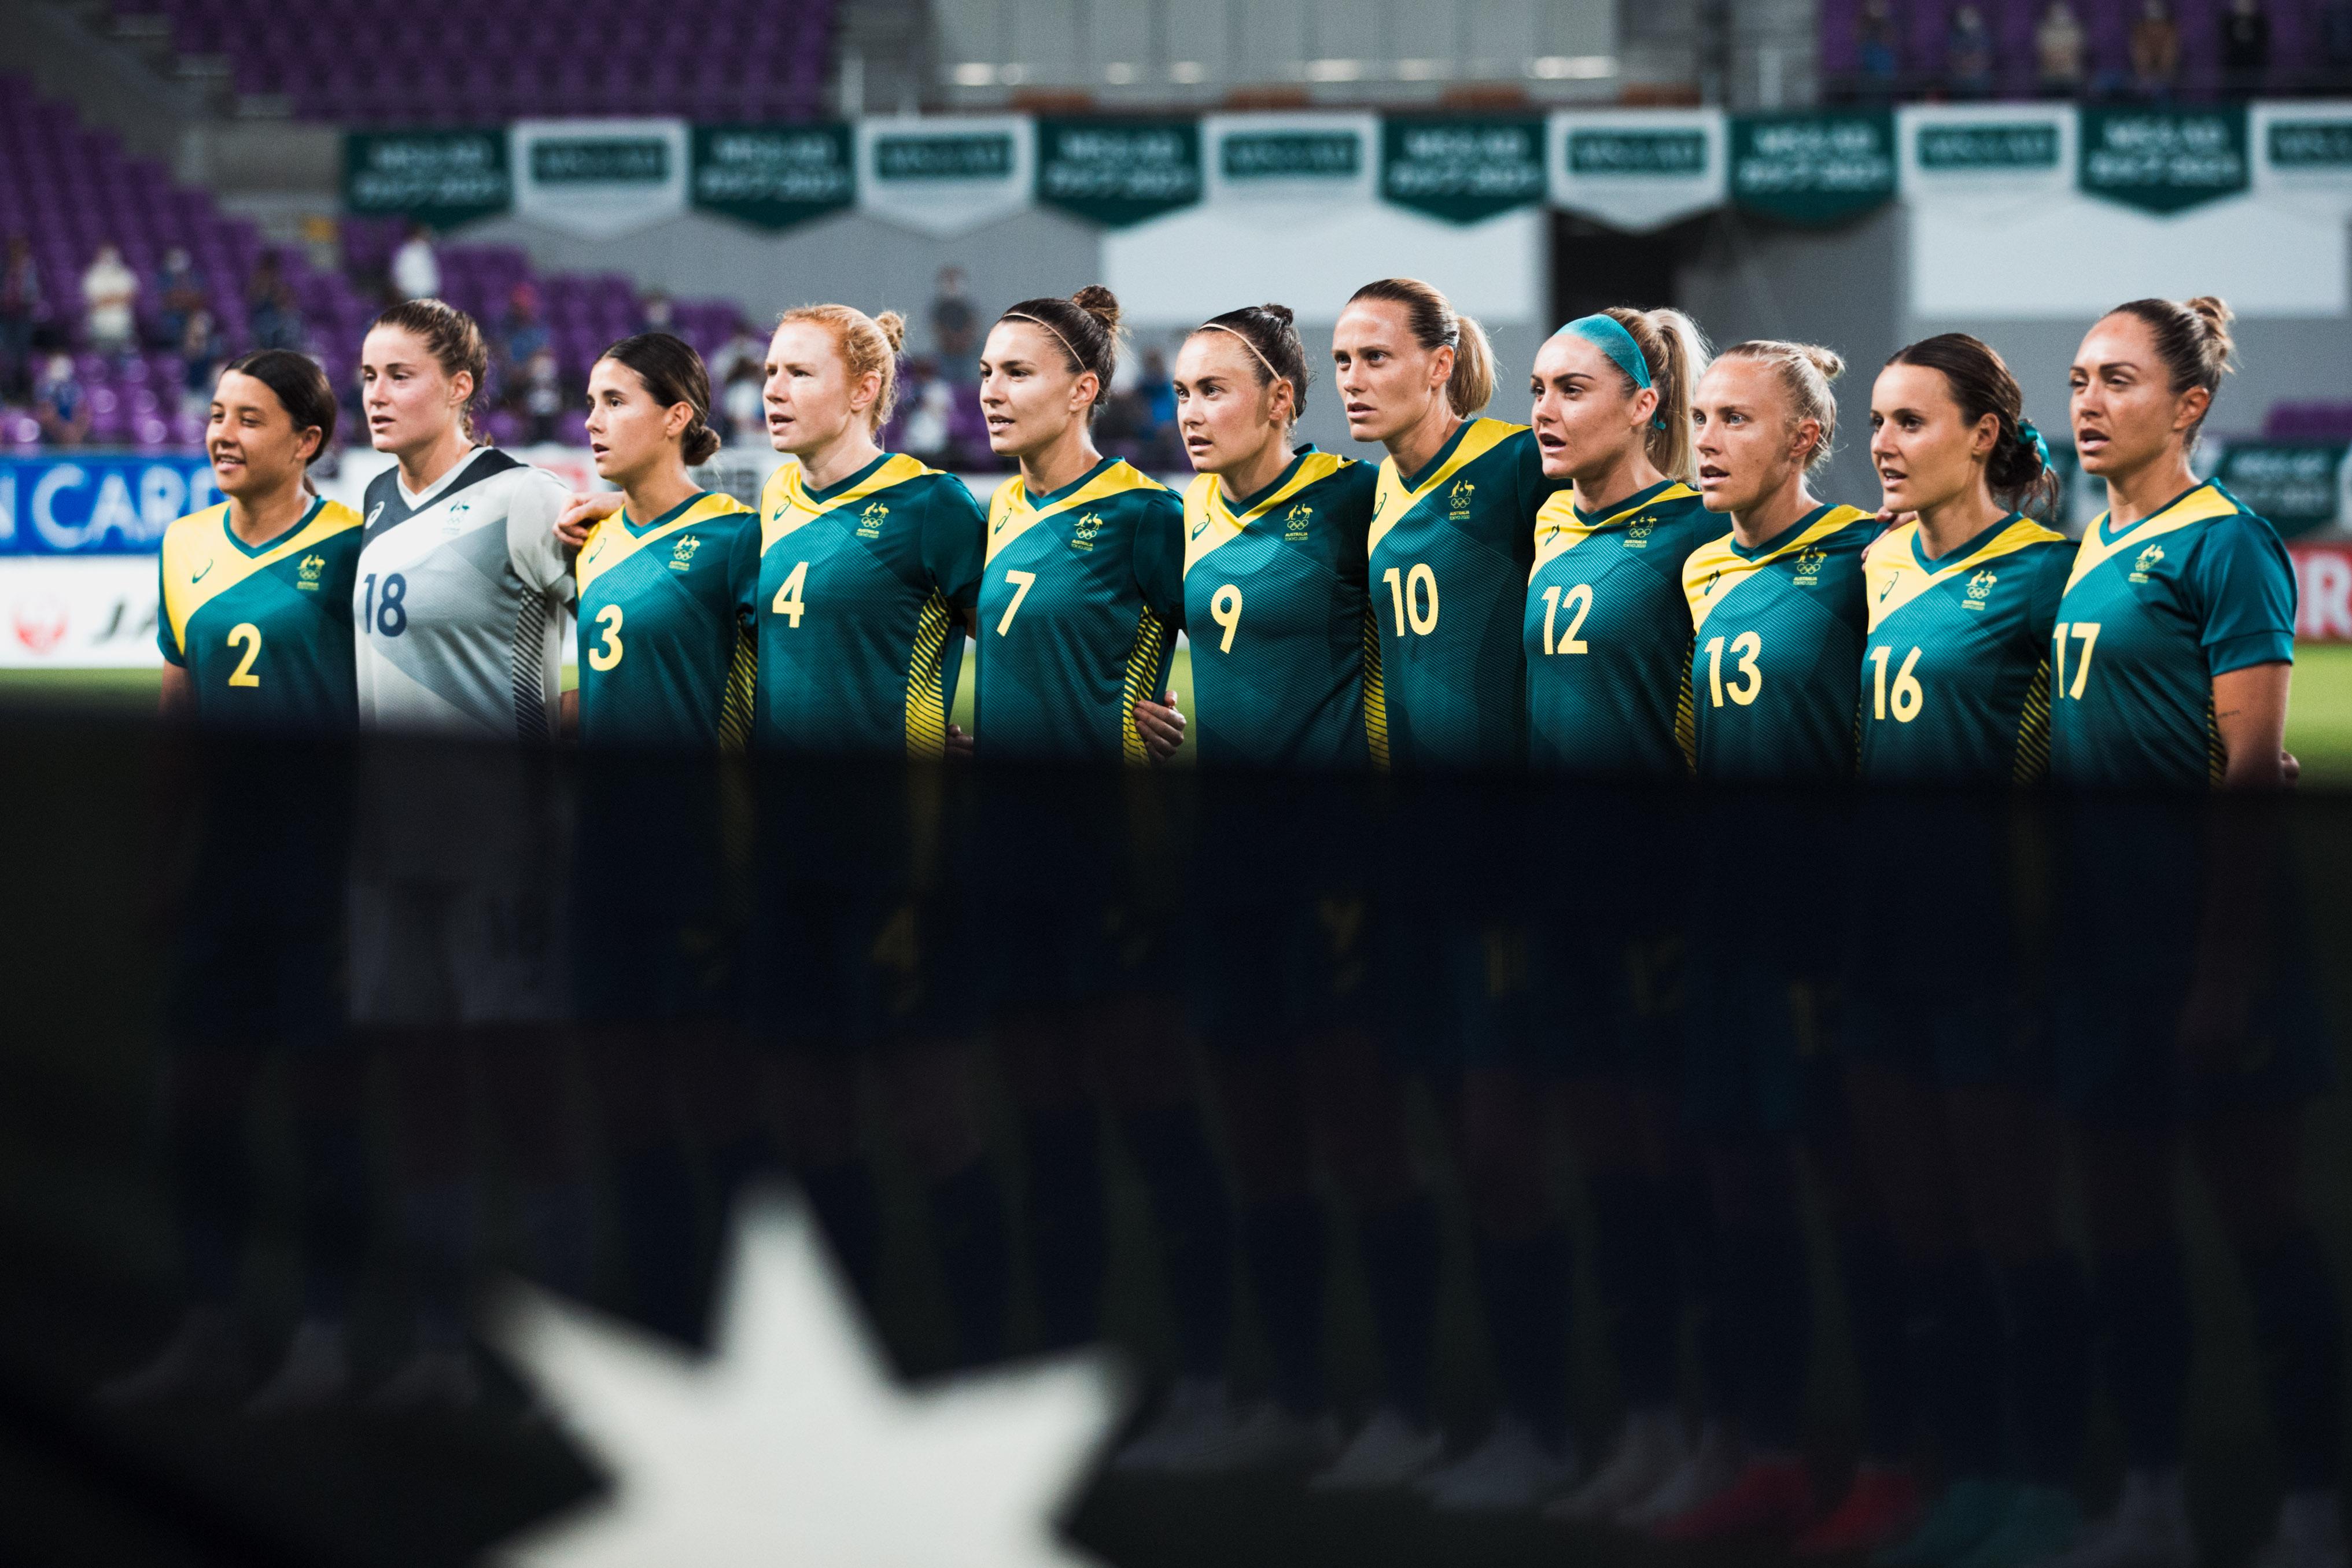 Matildas lining up to sing National Anthem, July 2021